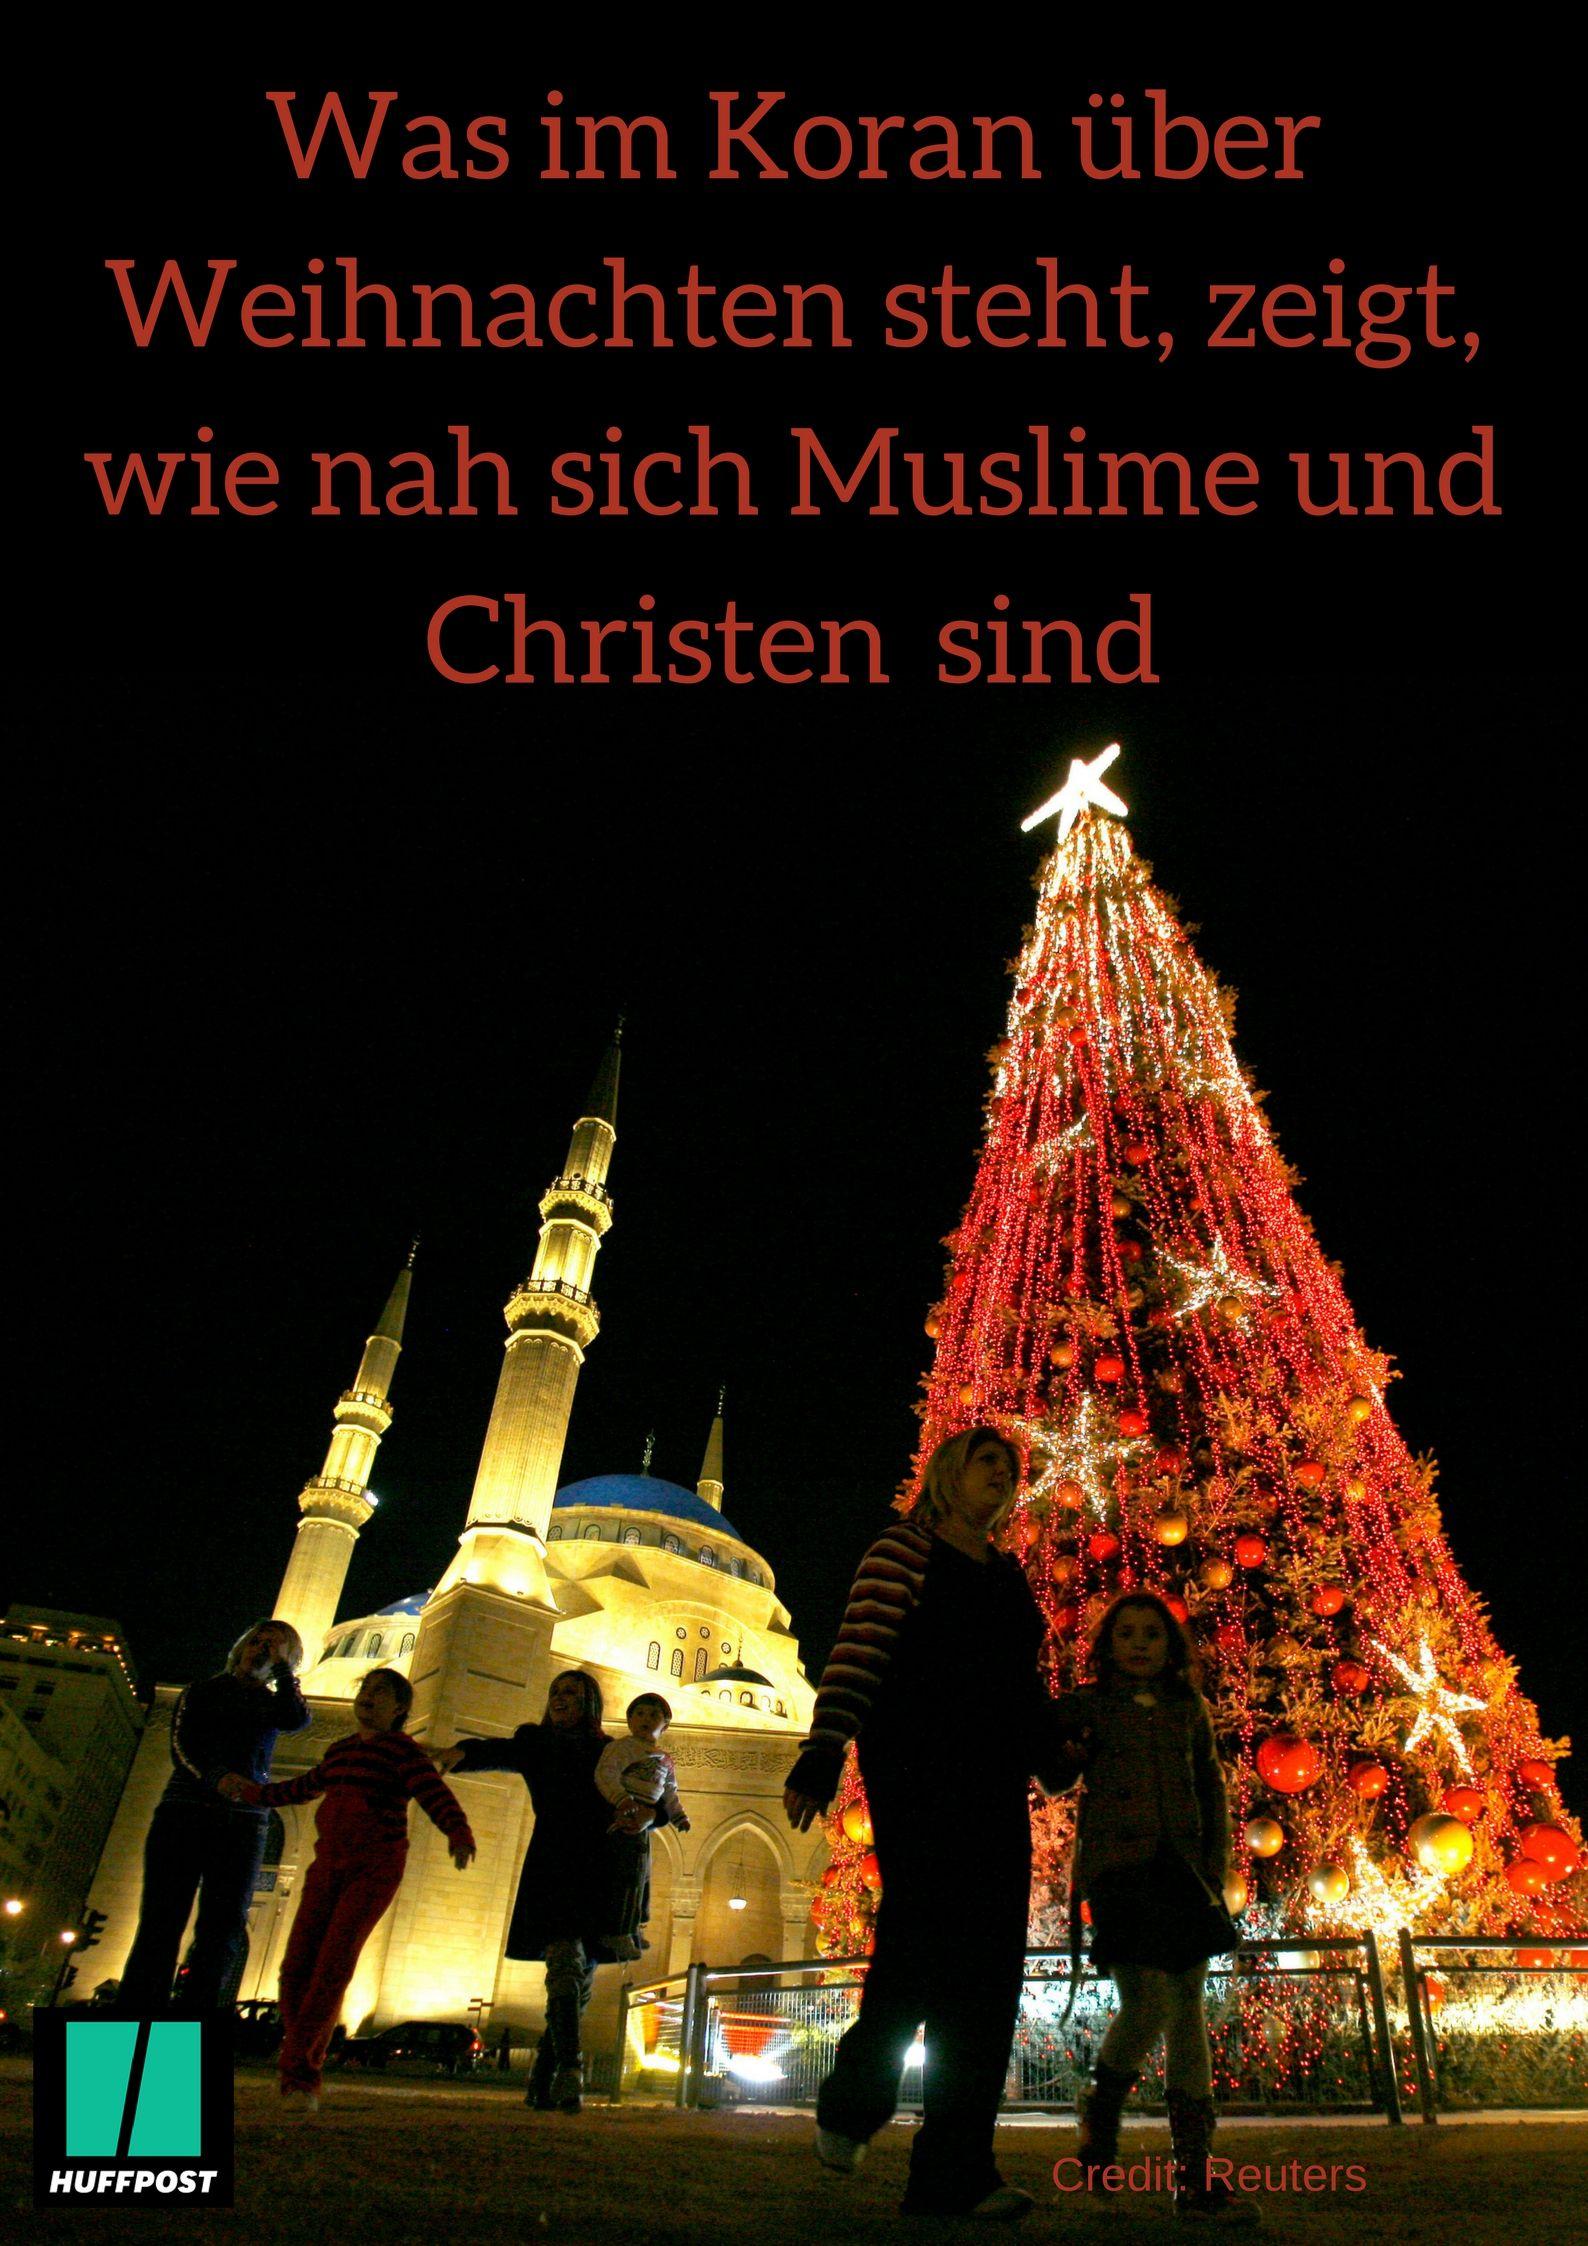 Weihnachten Im Christentum.Was Im Koran über Weihnachten Steht Zeigt Wie Nah Sich Muslime Und